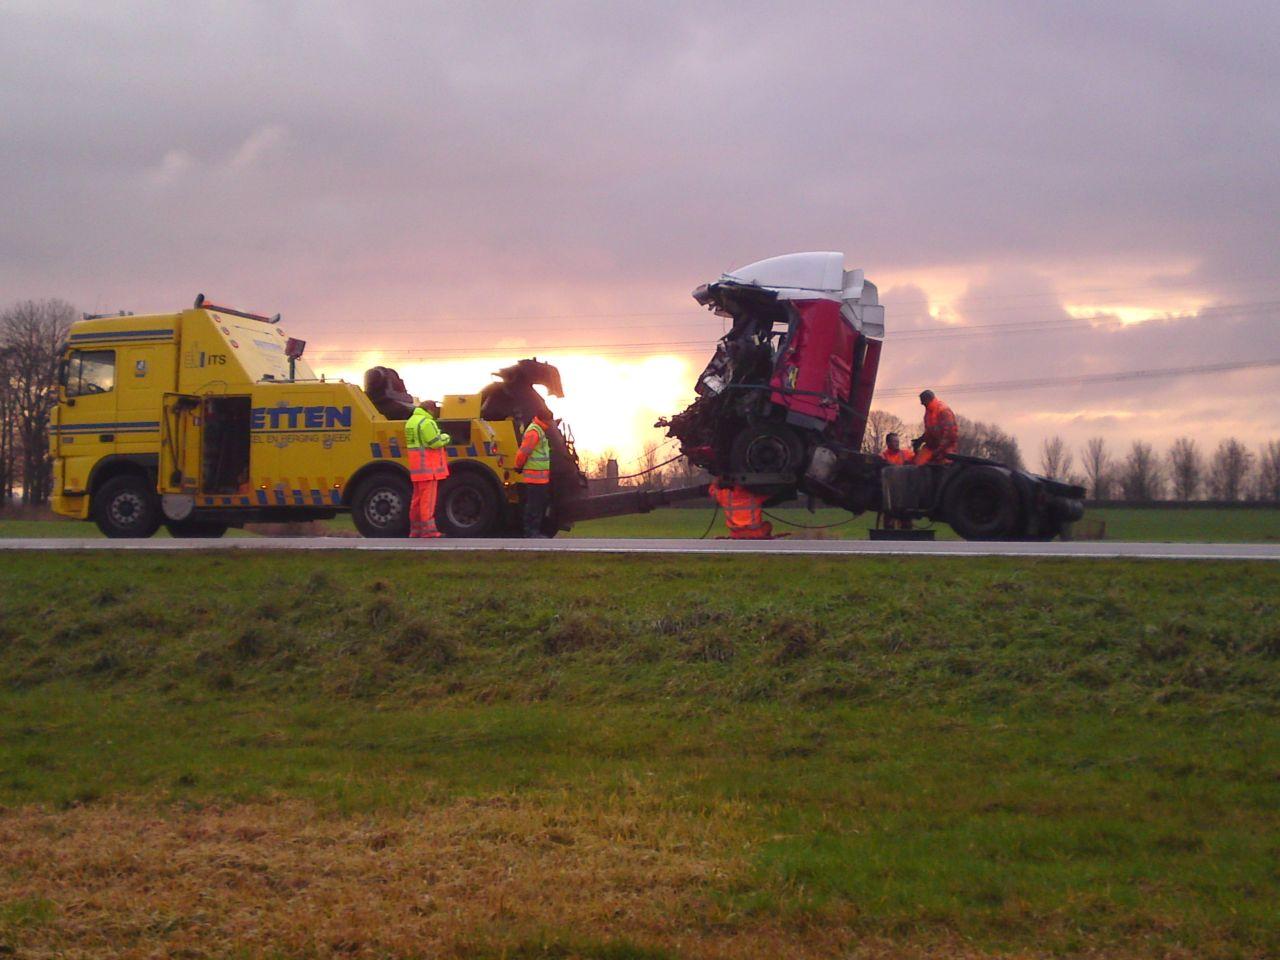 Dode en zwaargewonde bij ongeval Waldwei *update 16:30*